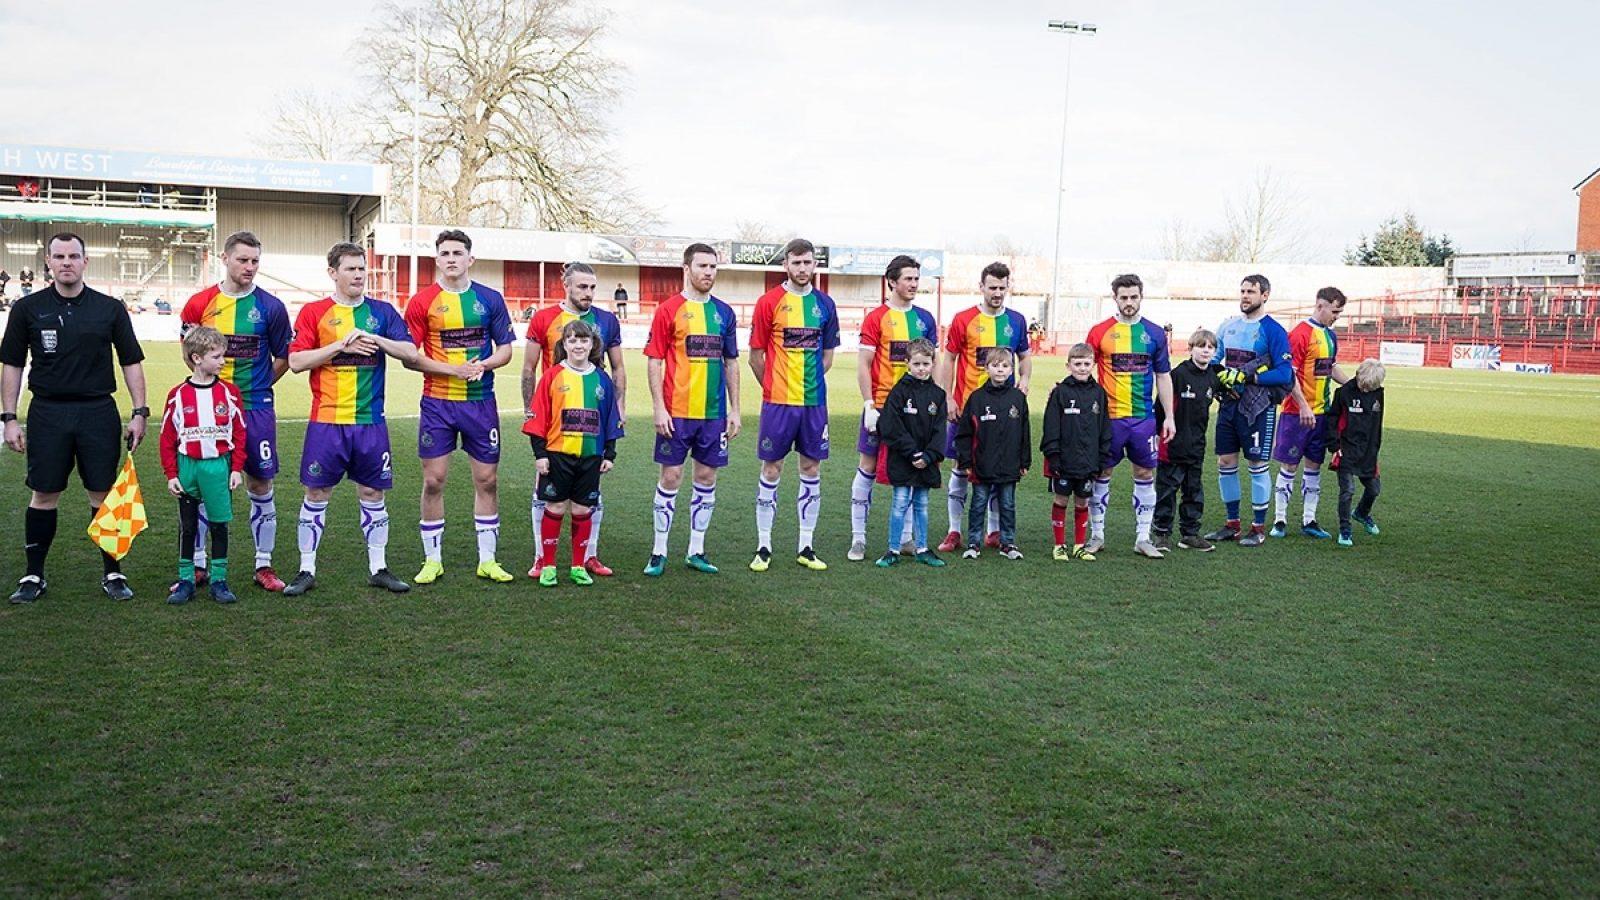 Time de futebol adota bandeira LGBT como uniforme oficial e7c29f03ff901